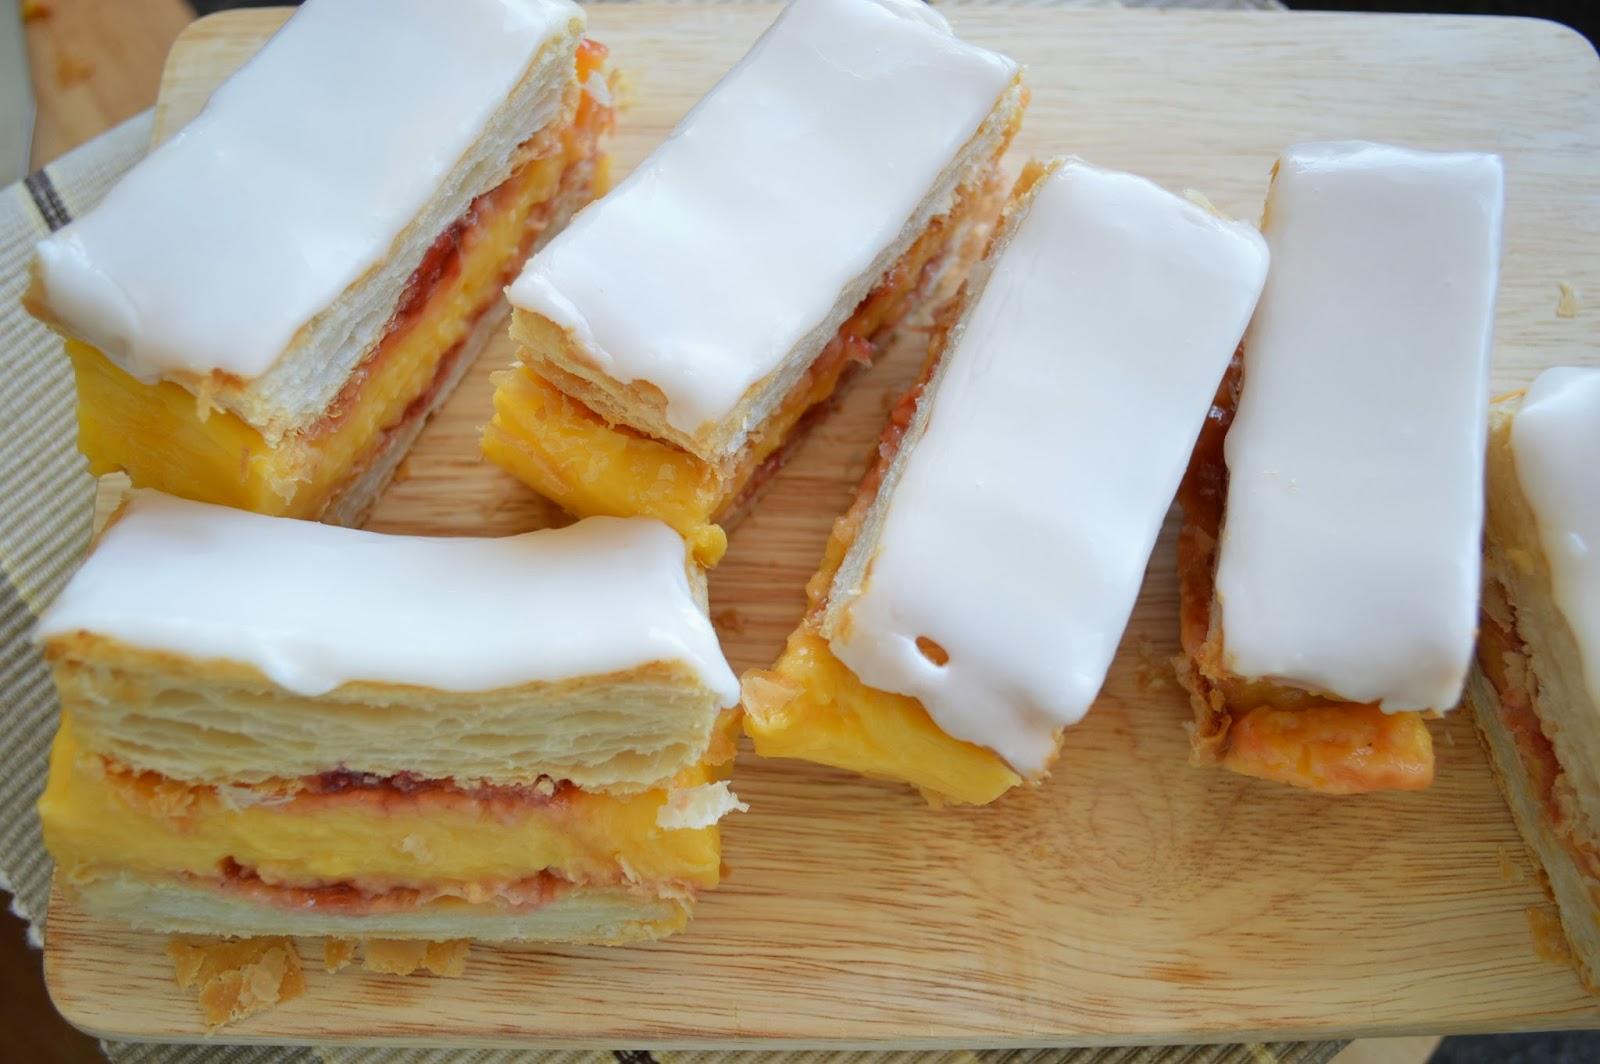 Medwin House Bakery Vanilla Custard Slice